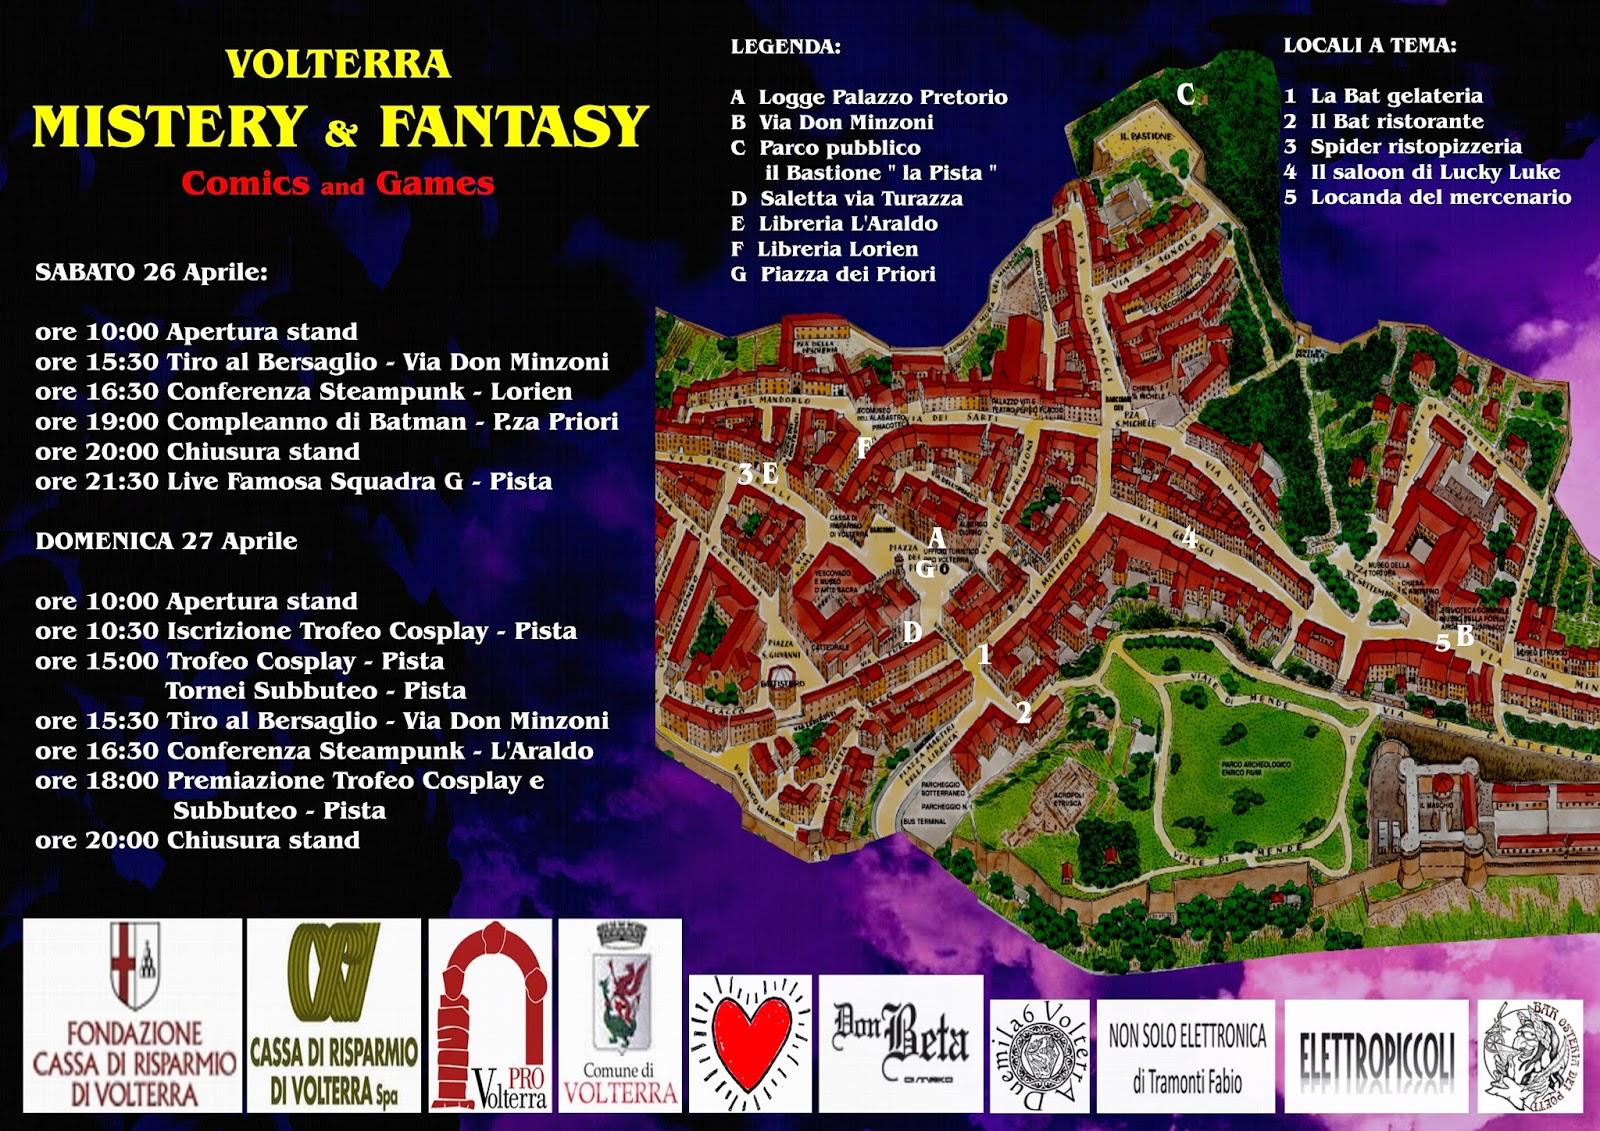 la mappa con i principali eventi in programma